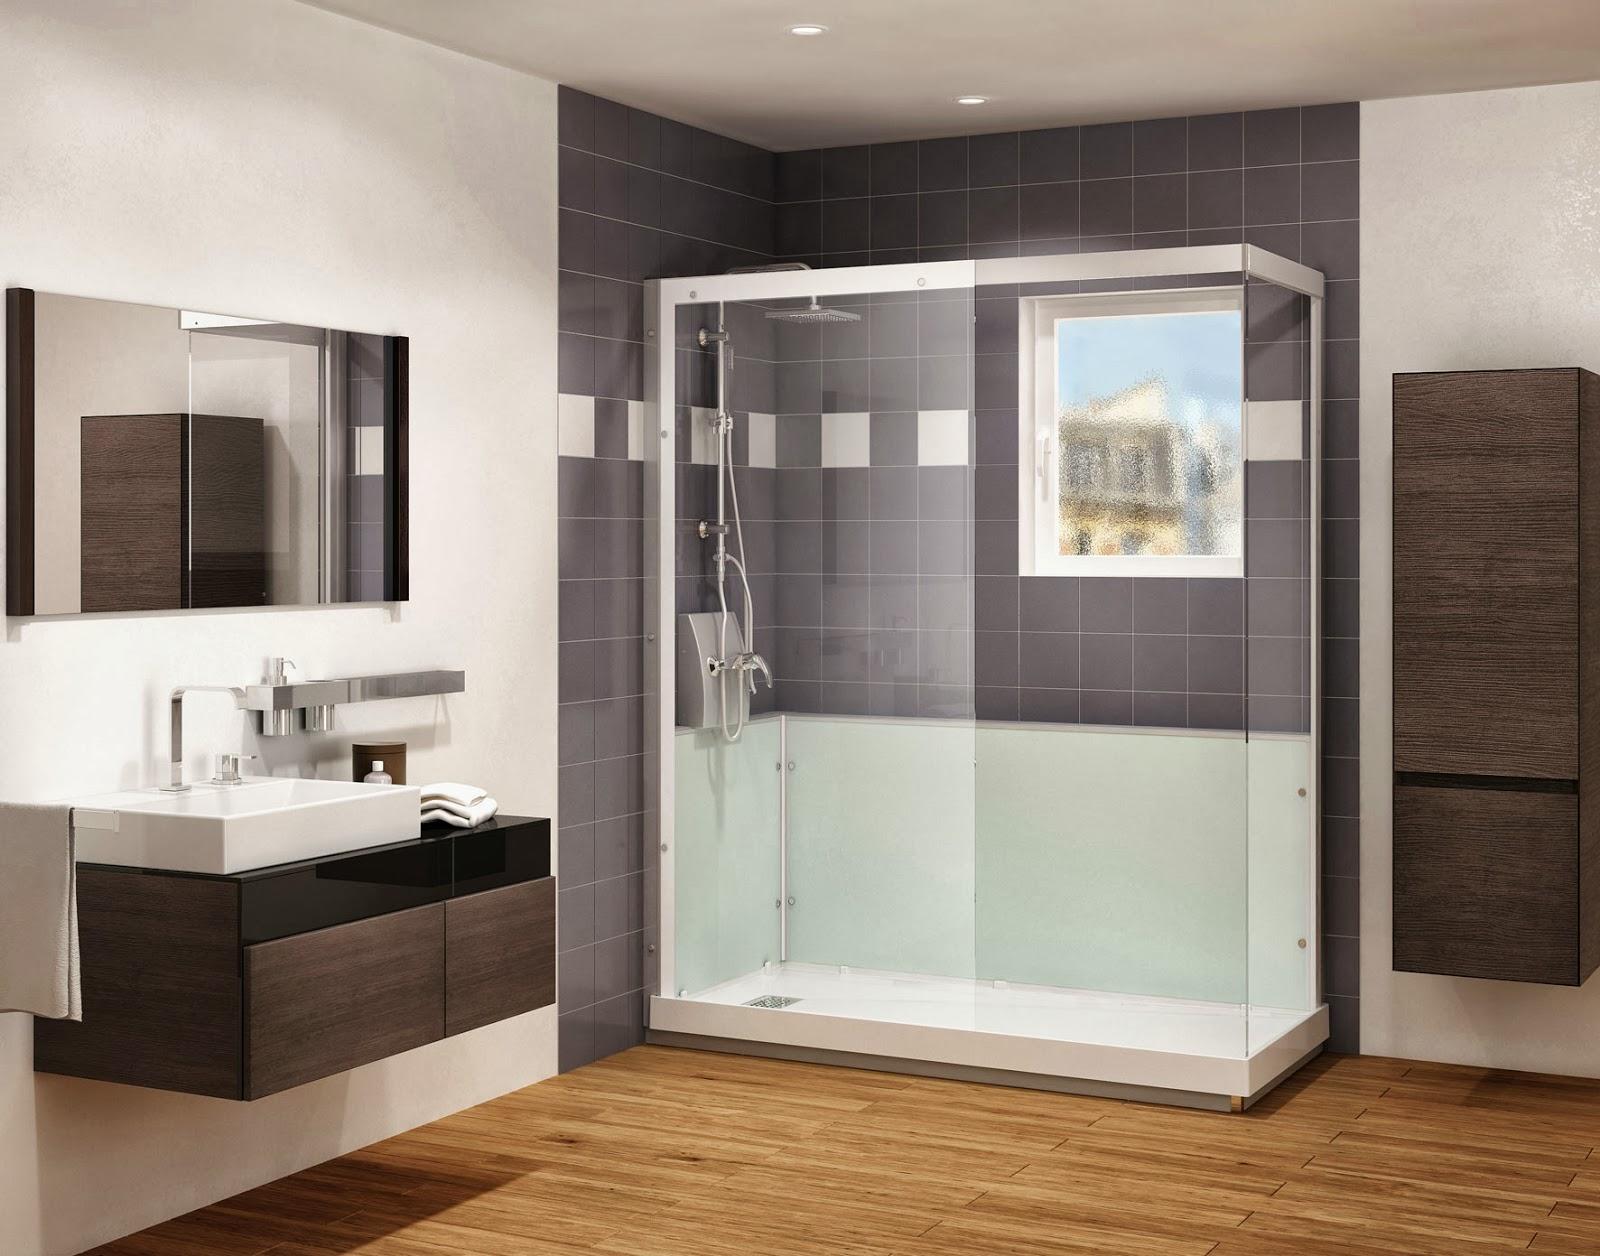 Baño Con Ducha Sin Plato:easy ducha incluye el plato de ducha la mampara la grifería y los